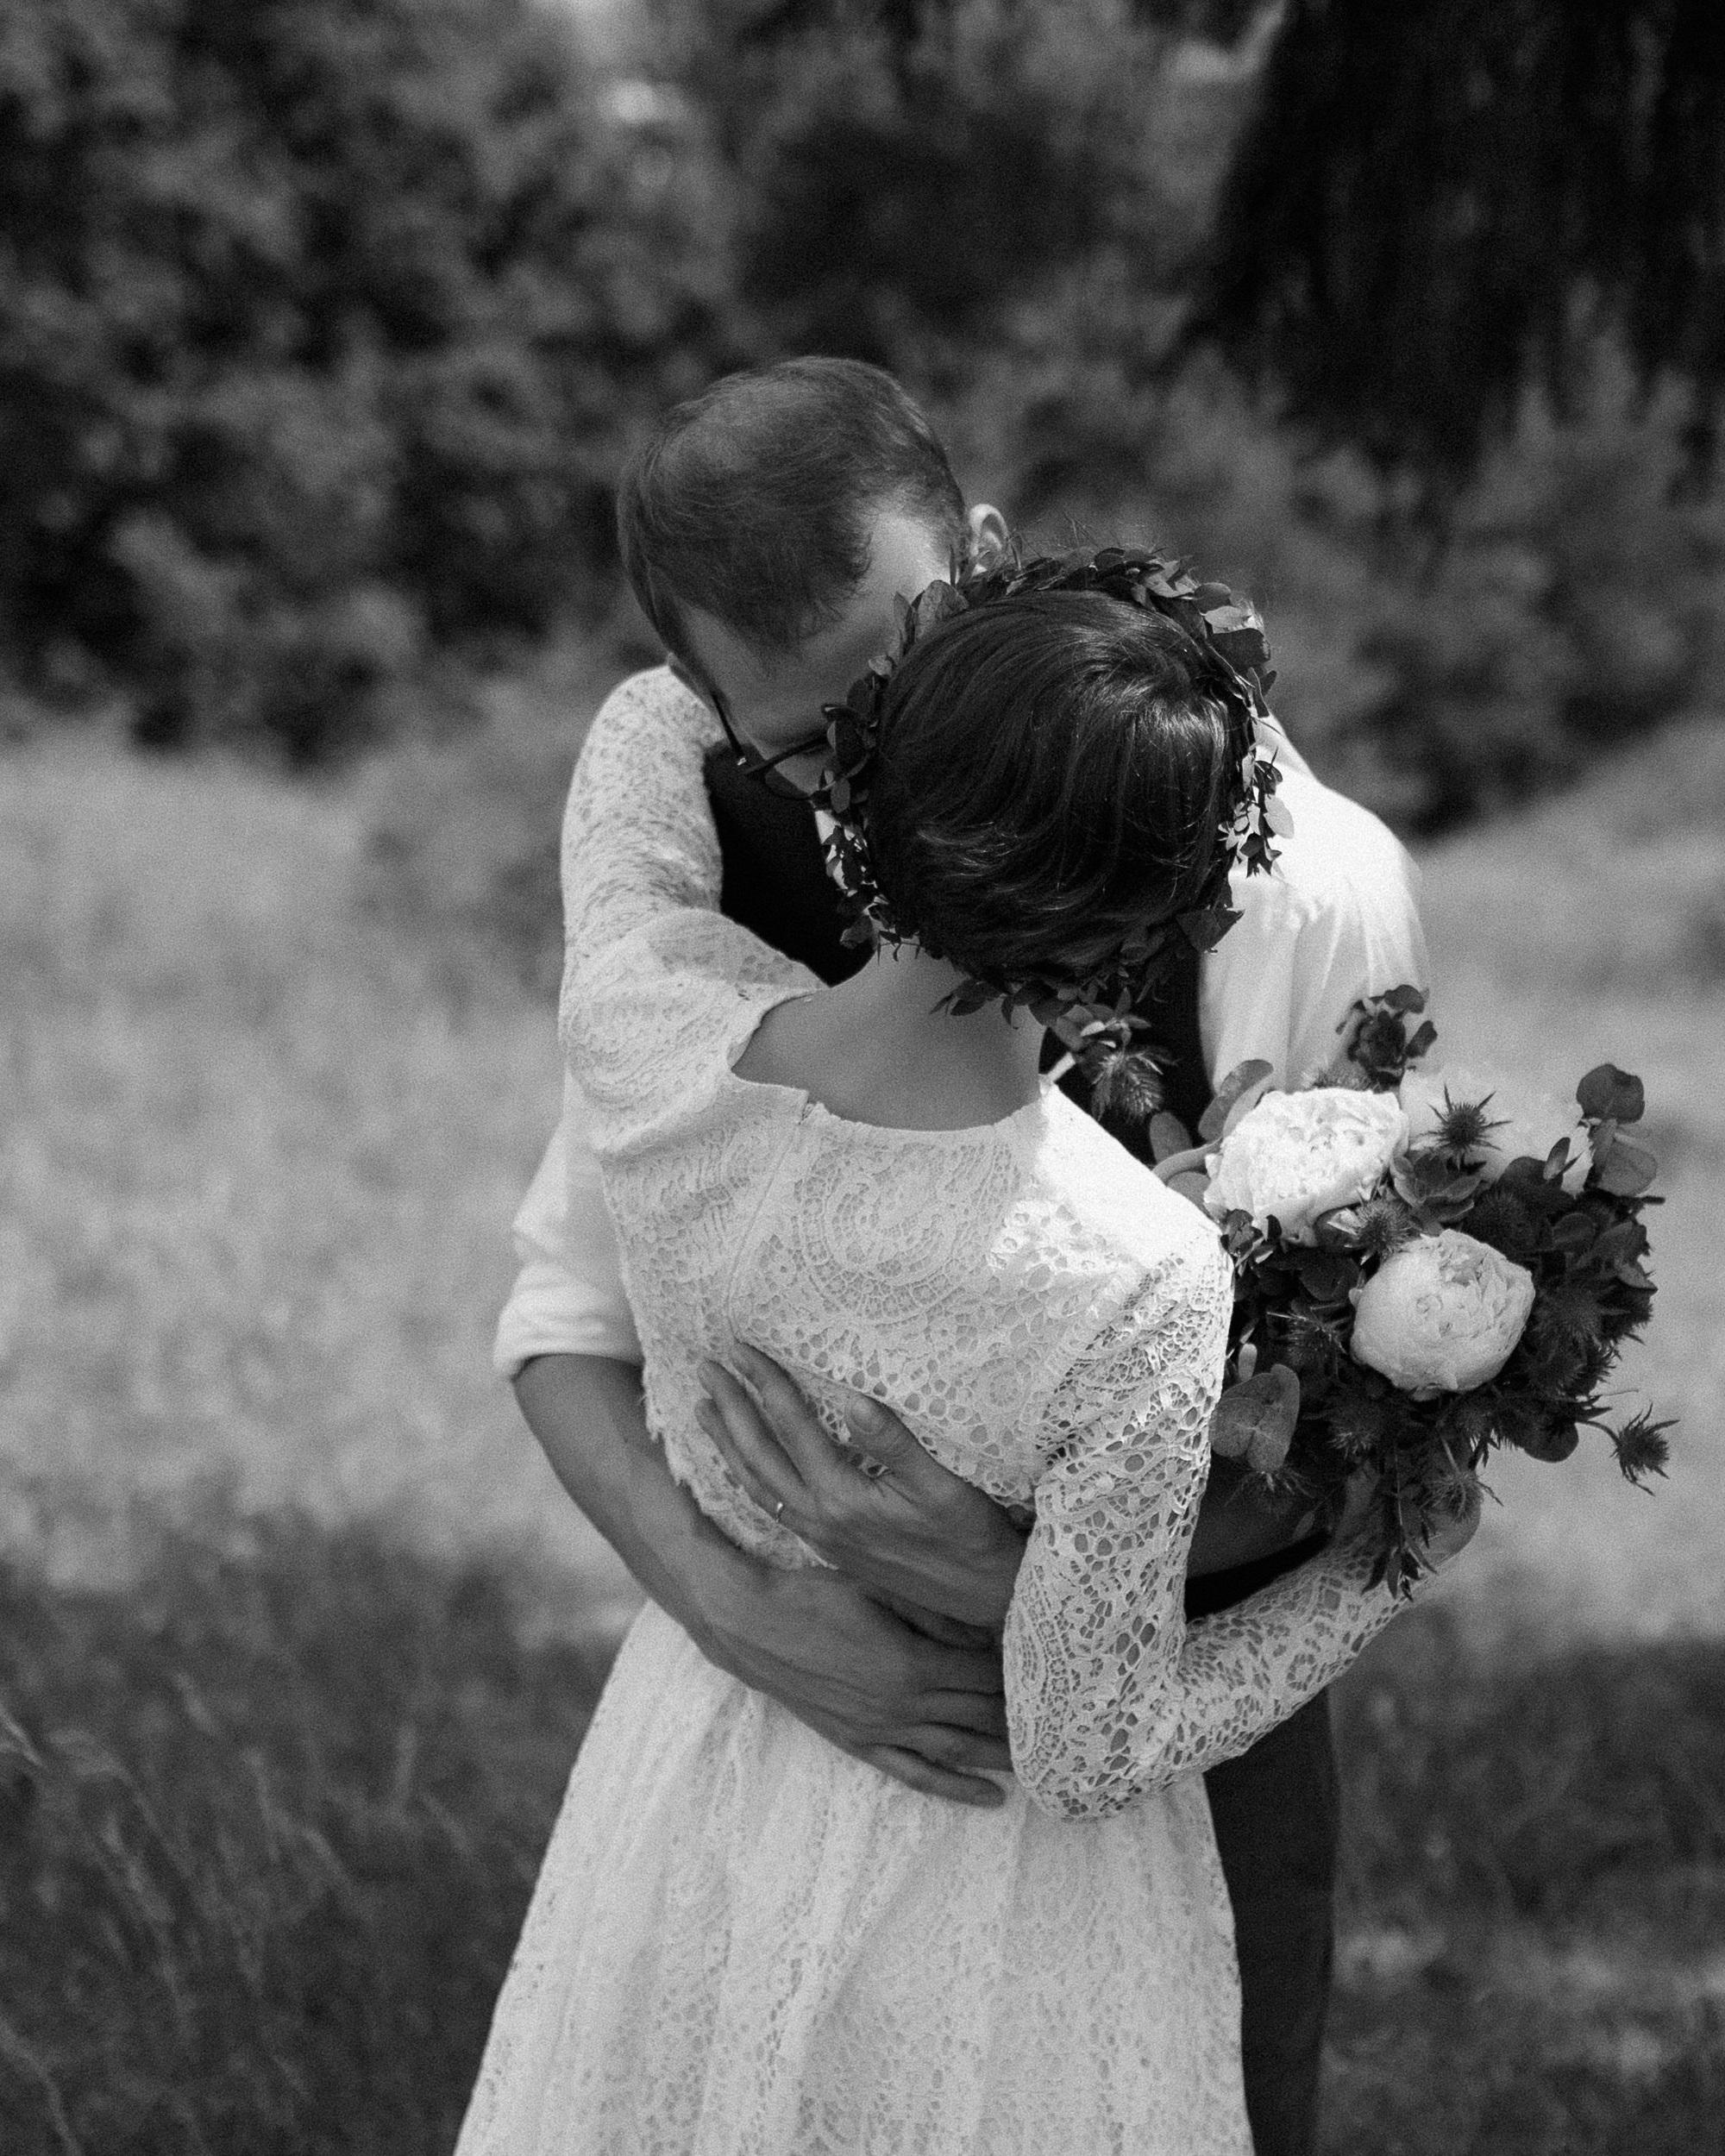 svatby 2019ceník - Zachycení Vašeho příběhu.